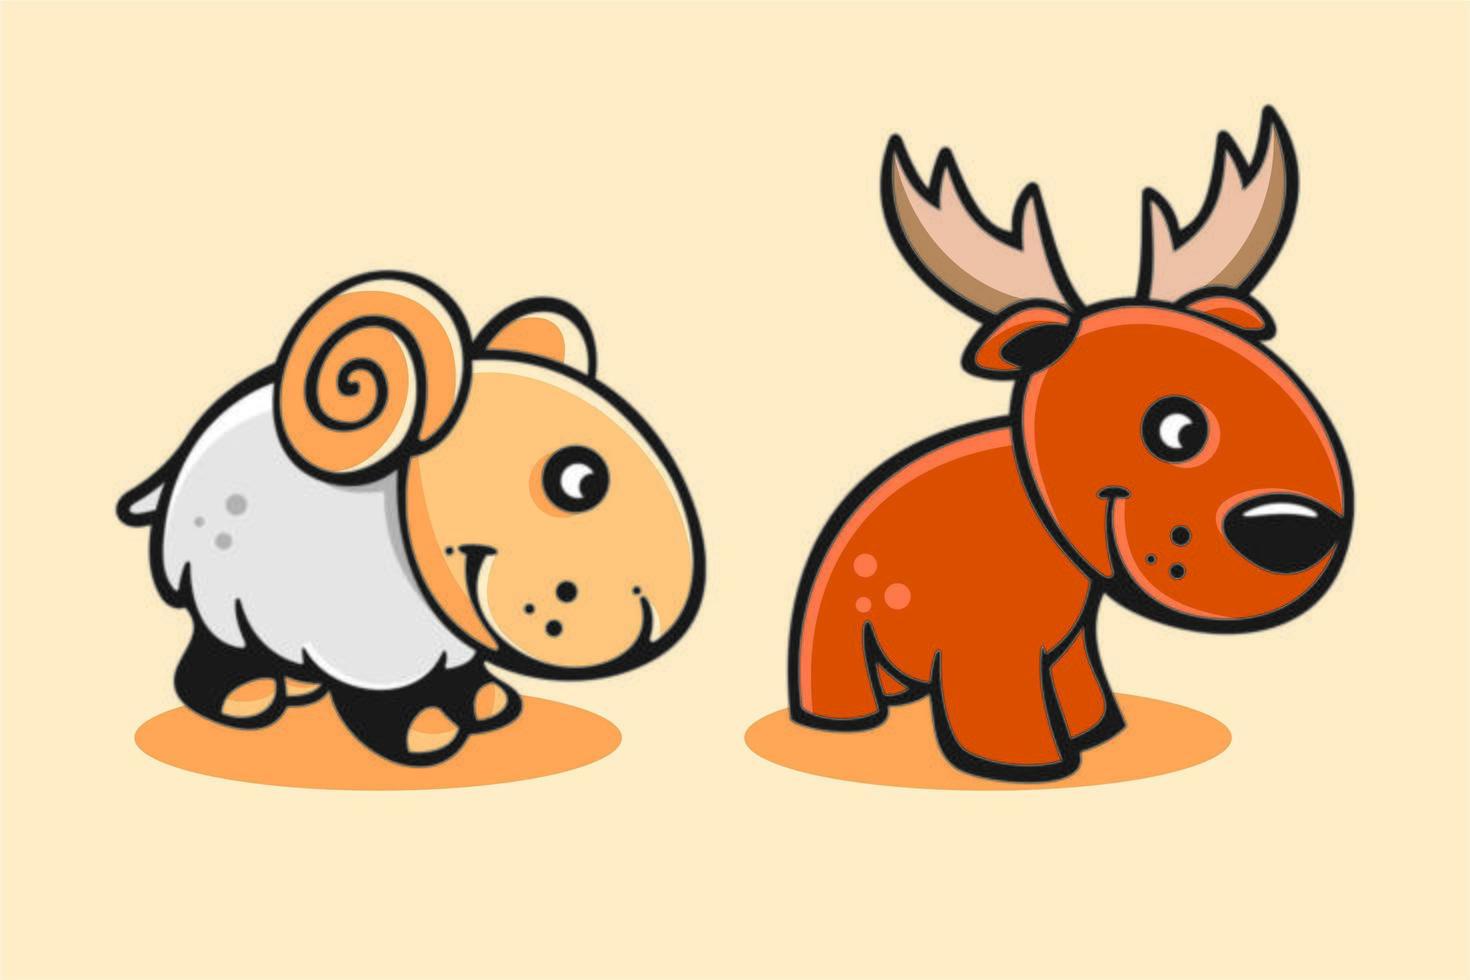 ensemble de chèvre et cerf bébé dessin animé mignon vecteur